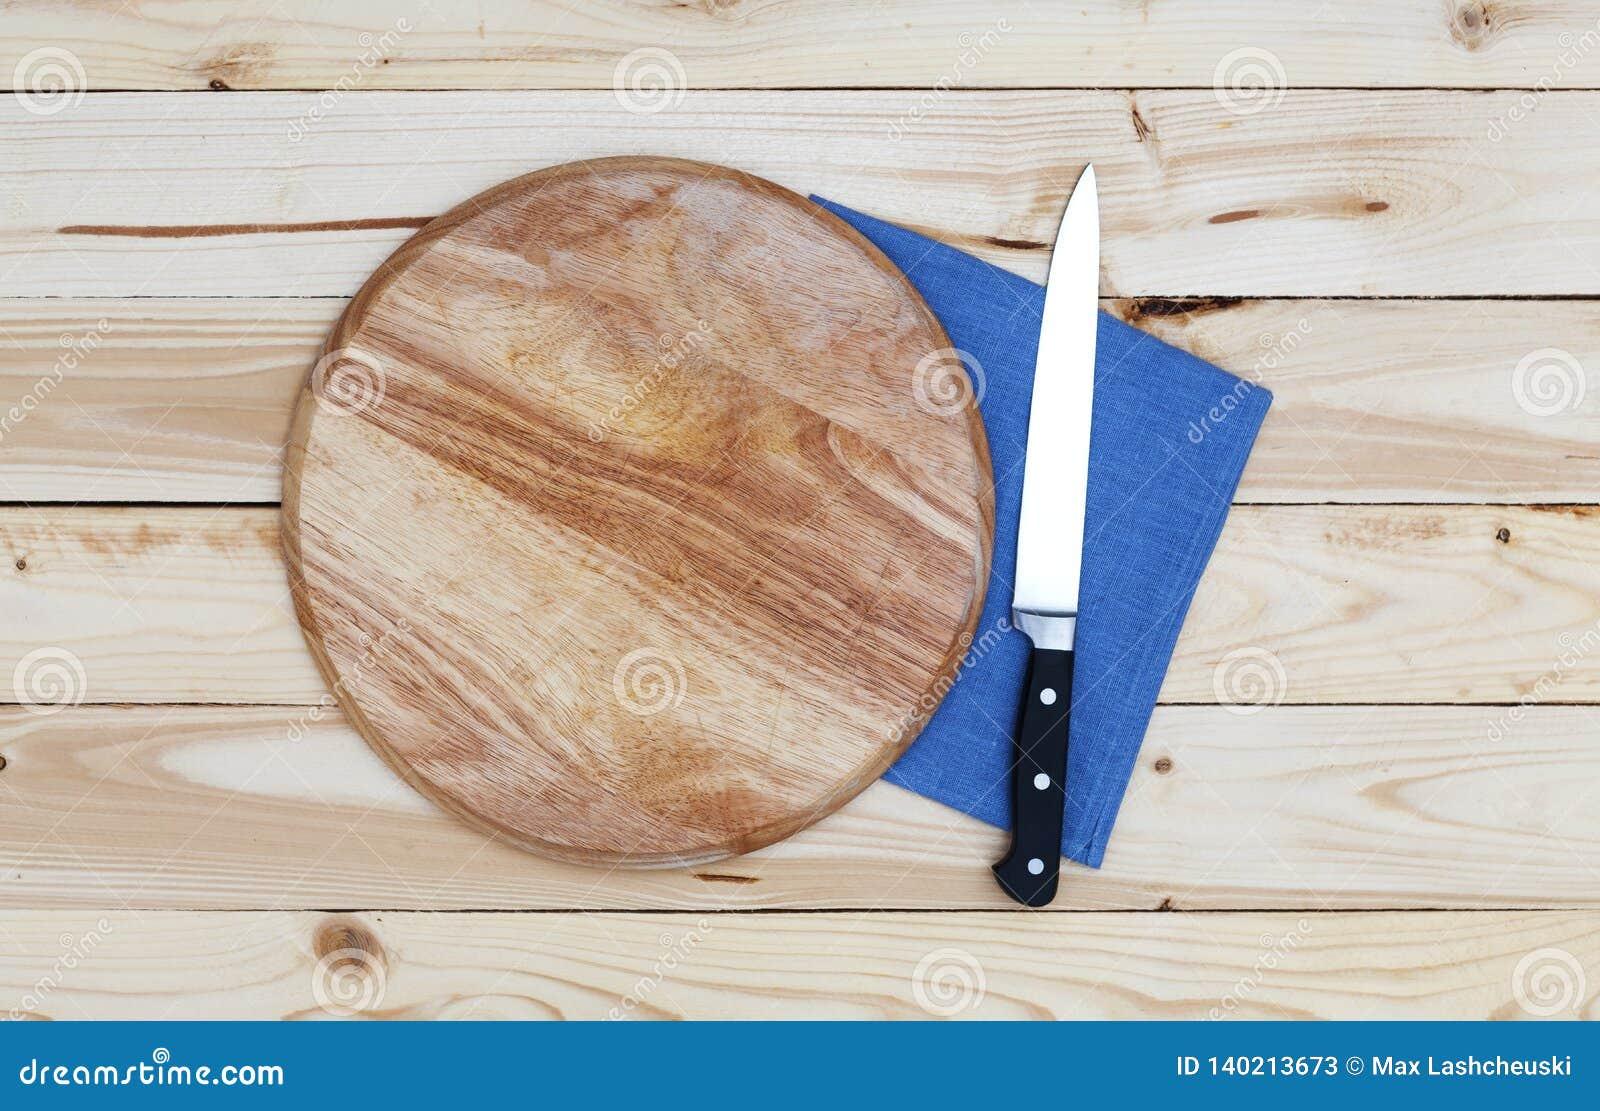 Rund skärbräda med en kniv på en trätabell, bästa sikt